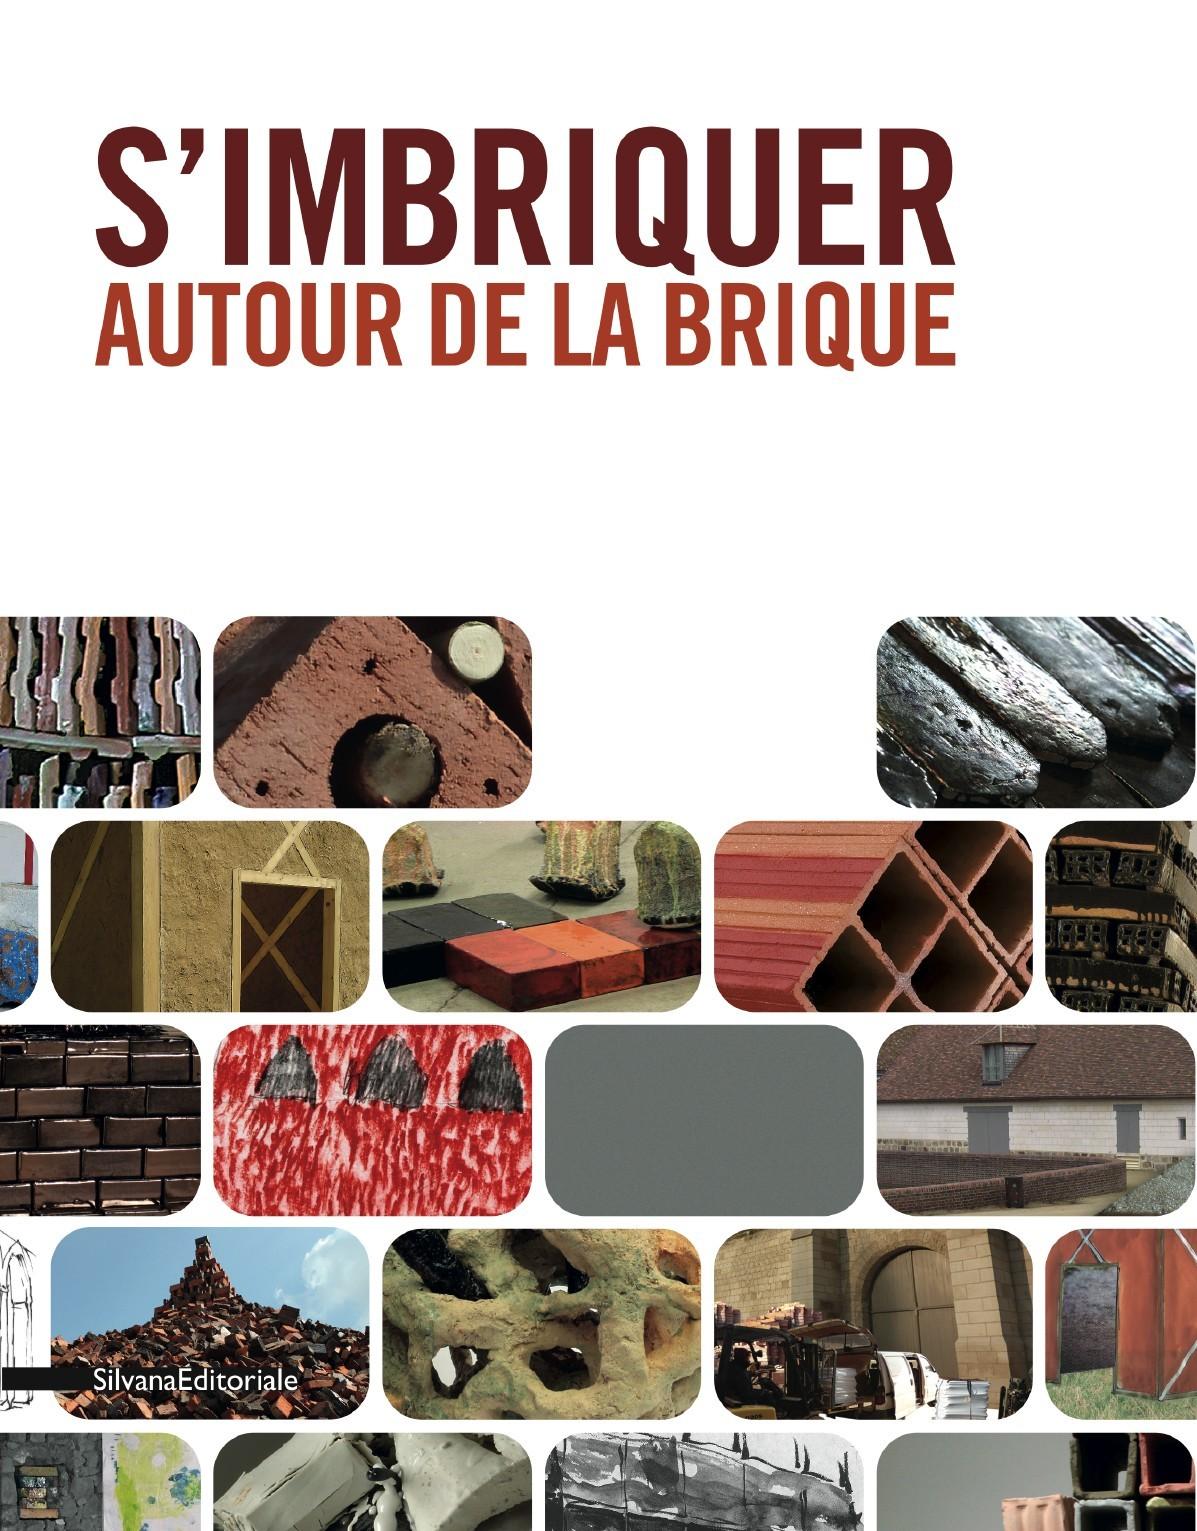 S'IMBRIQUER AUTOUR DE LA BRIQUE